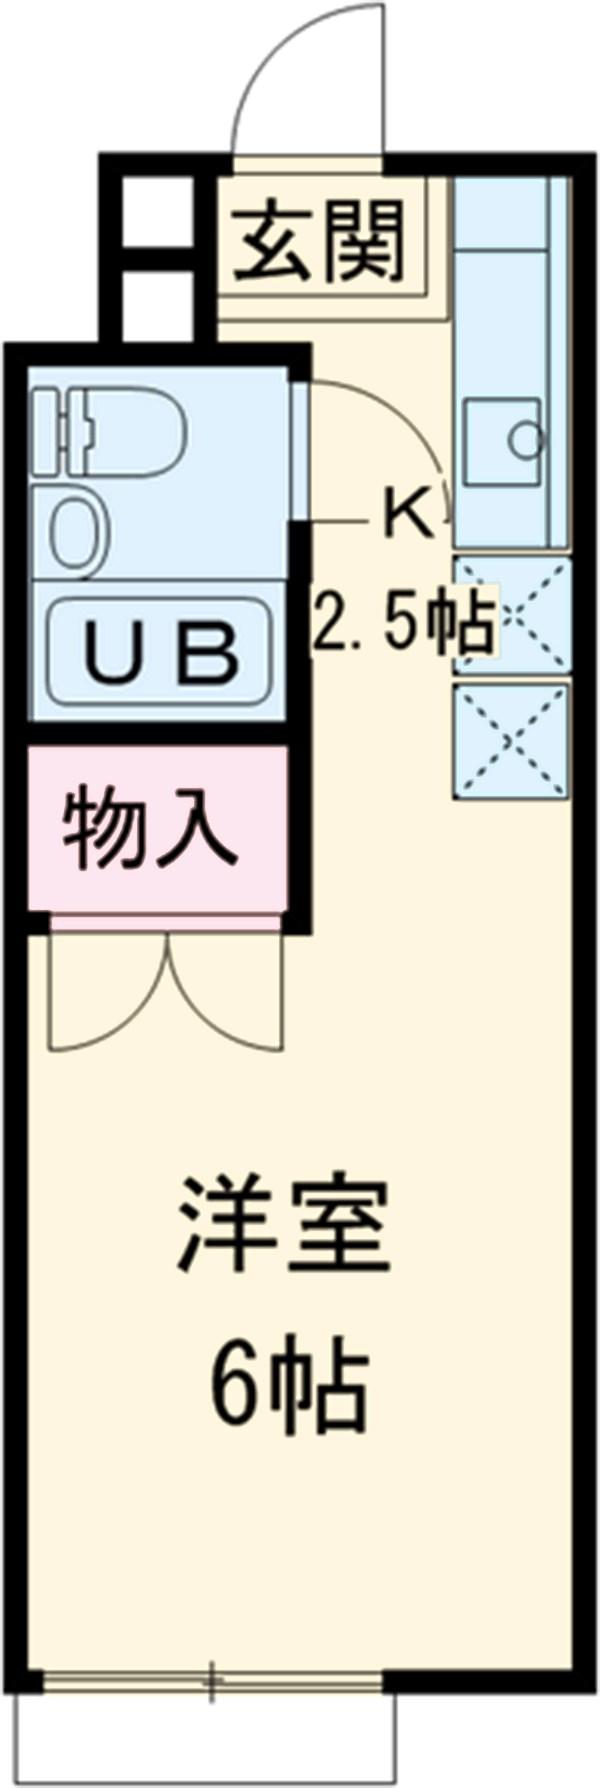 立川栄町フラットA棟・203号室の間取り